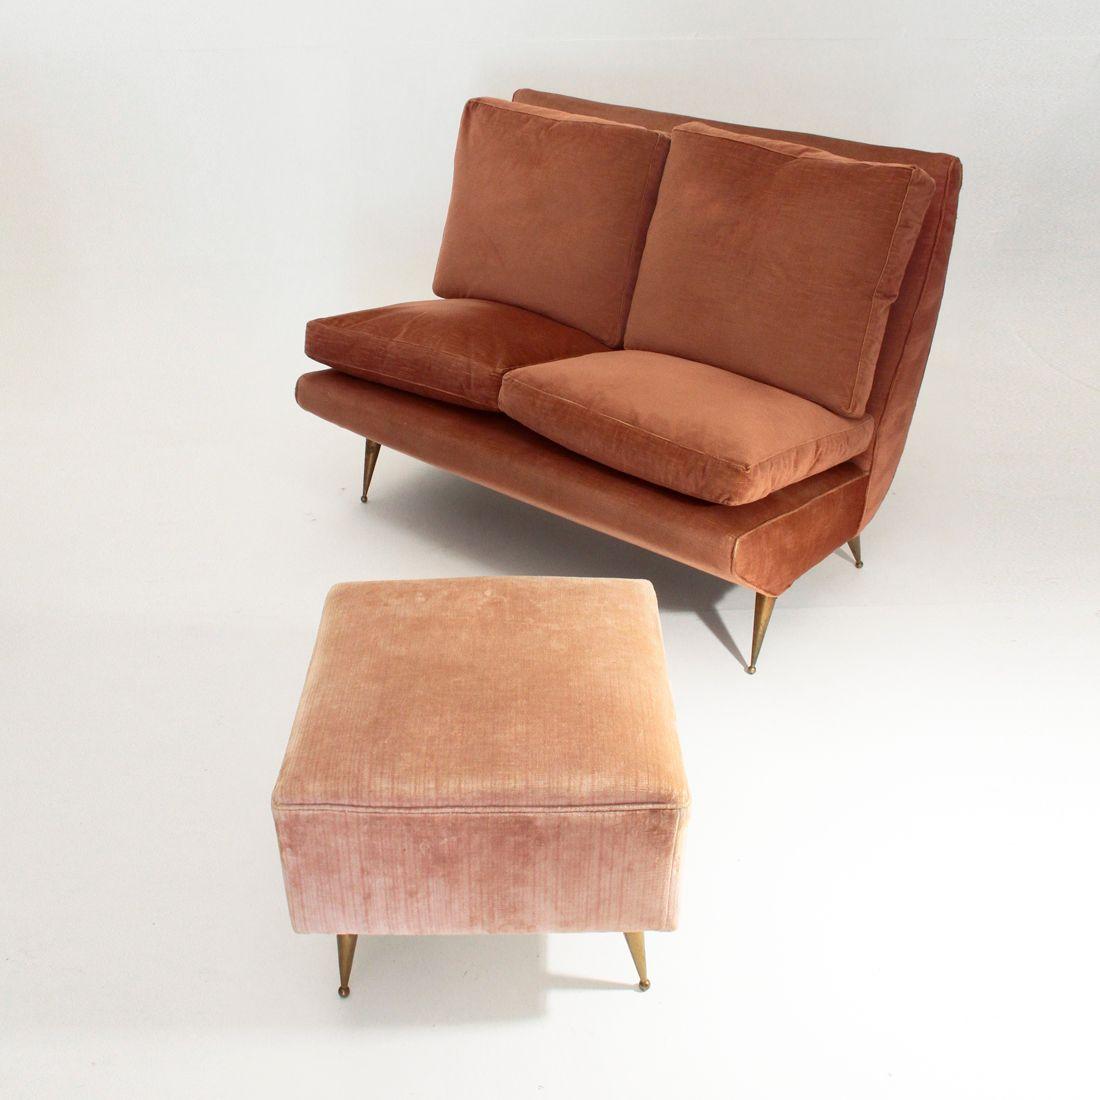 italienisches zweisitzer sofa mit messing beinen 1950er. Black Bedroom Furniture Sets. Home Design Ideas